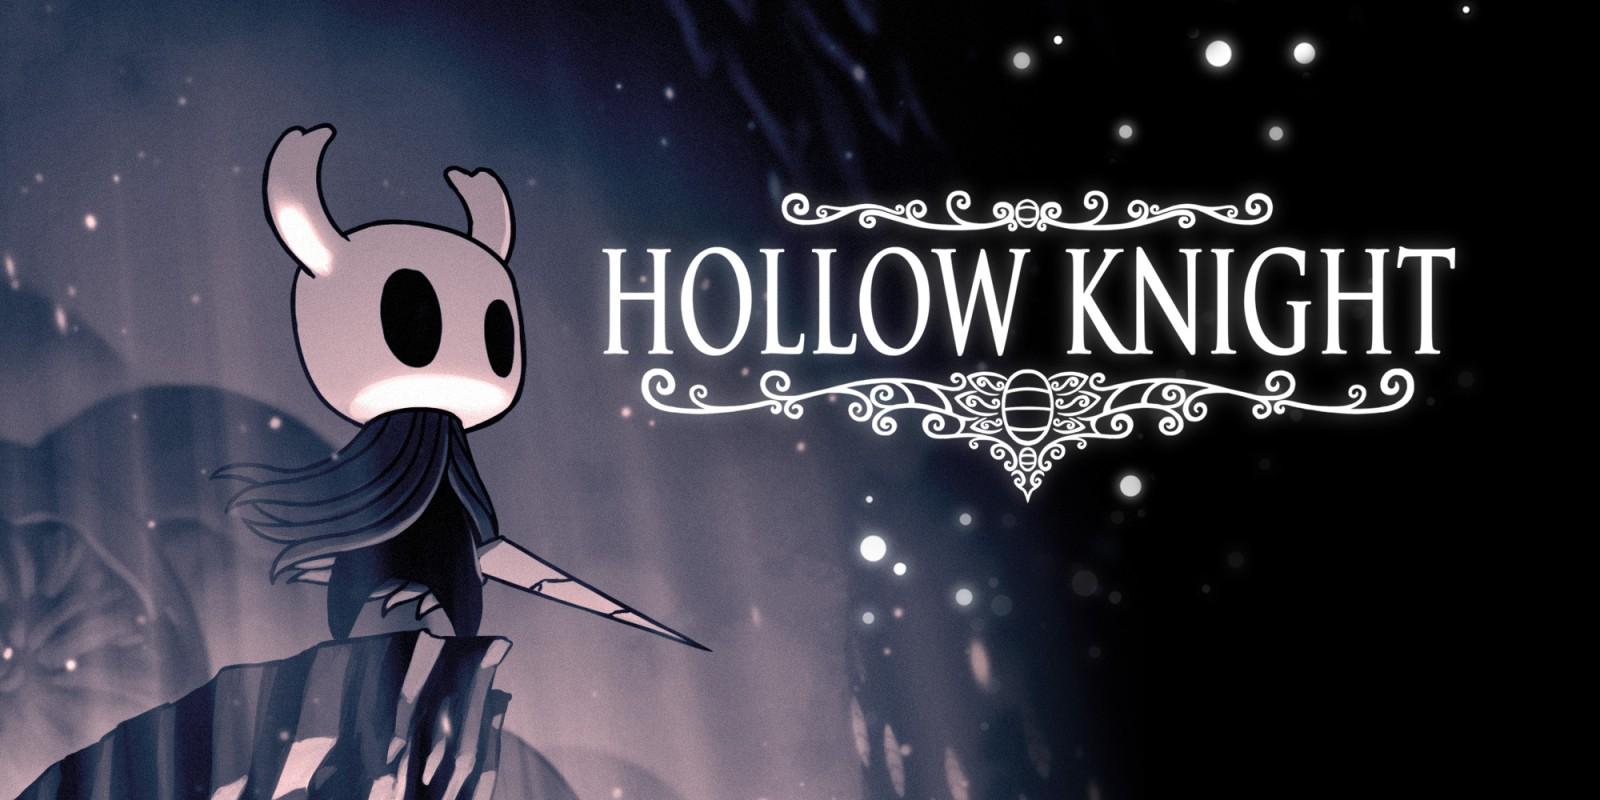 La versión física de Hollow Knight queda cancelada